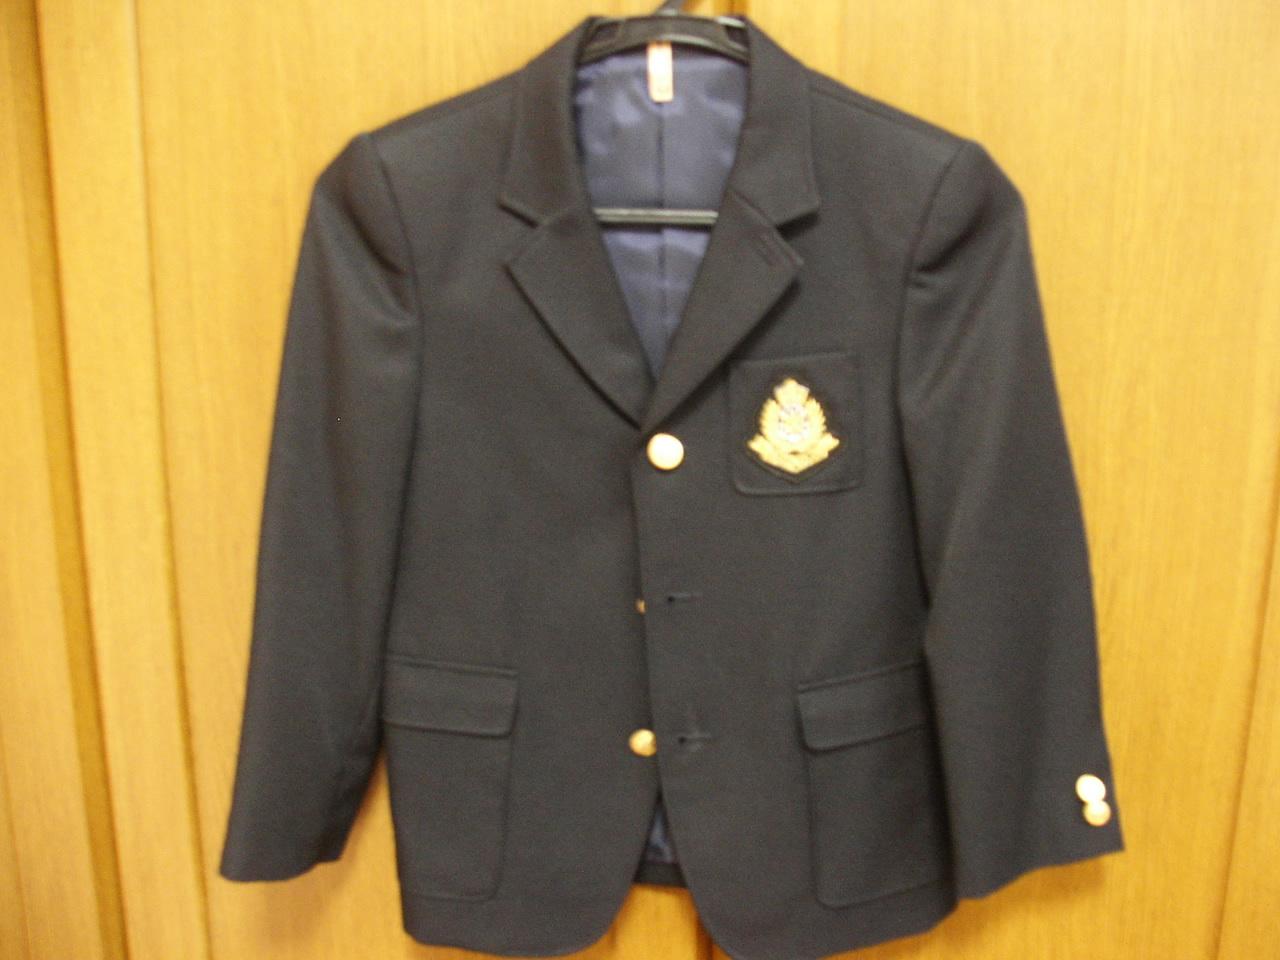 4泳法/5 入学式用スーツ サイズ:1280 960 容量:319KB ≫もっと見...  京都